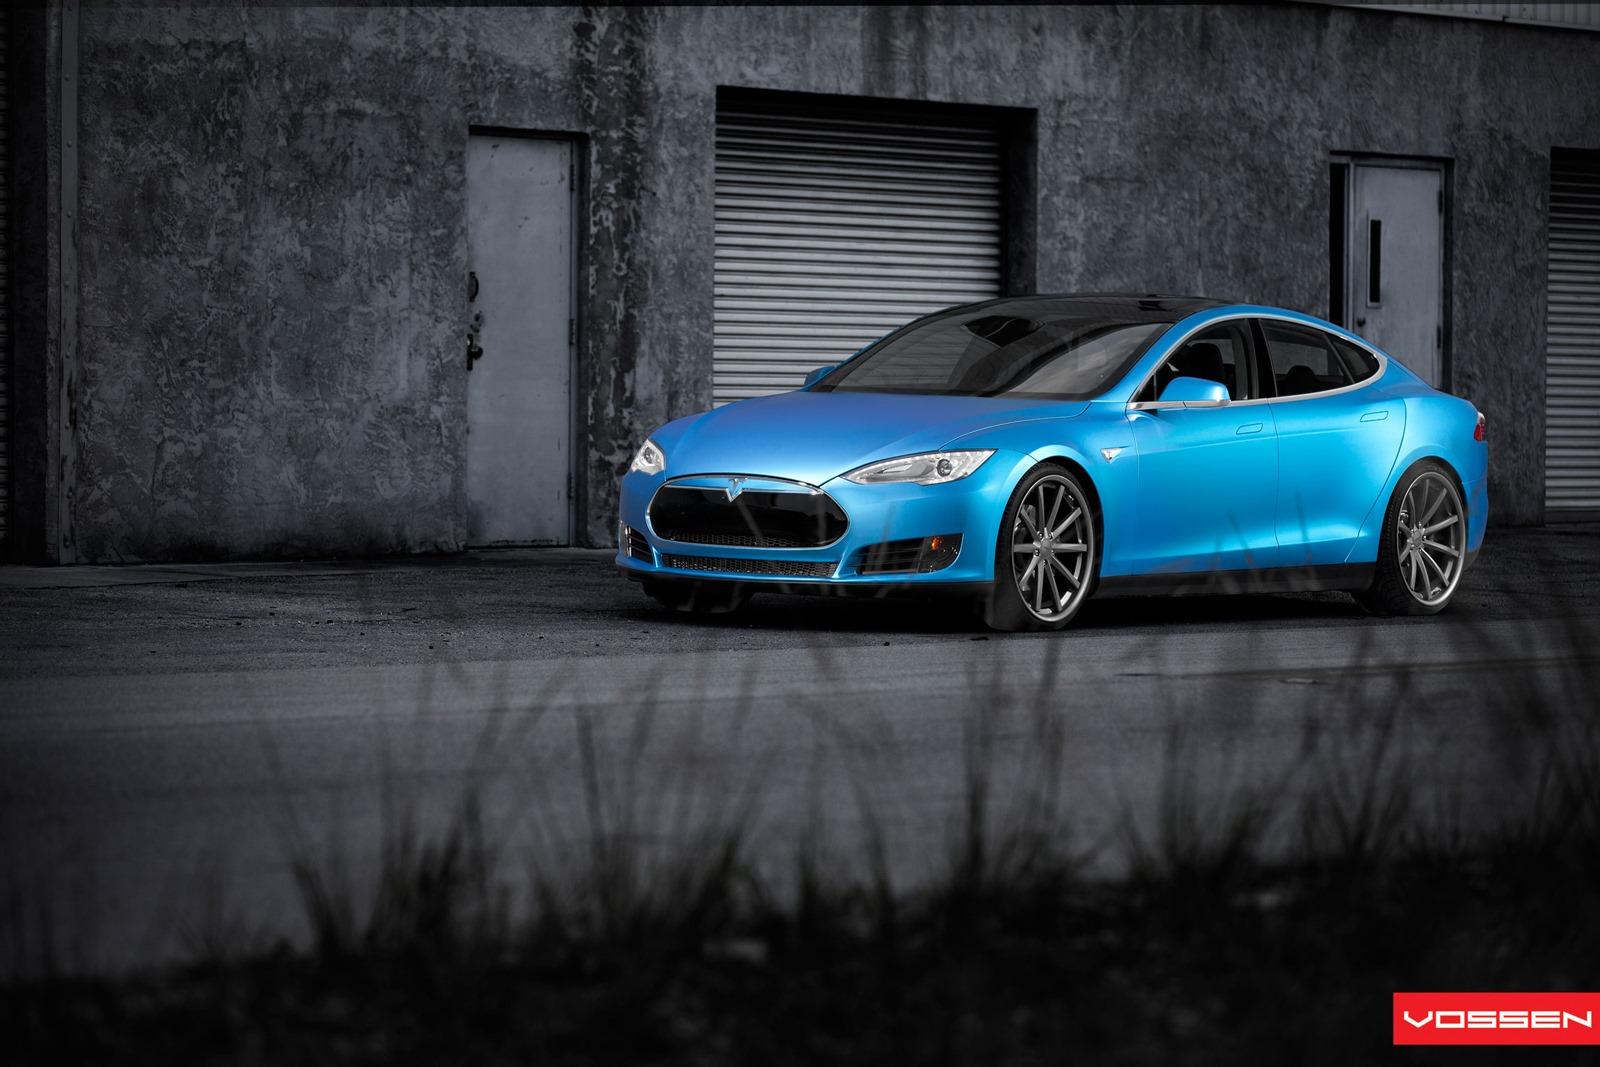 特斯拉建议车主勿改装Model S 易造成隐患高清图片